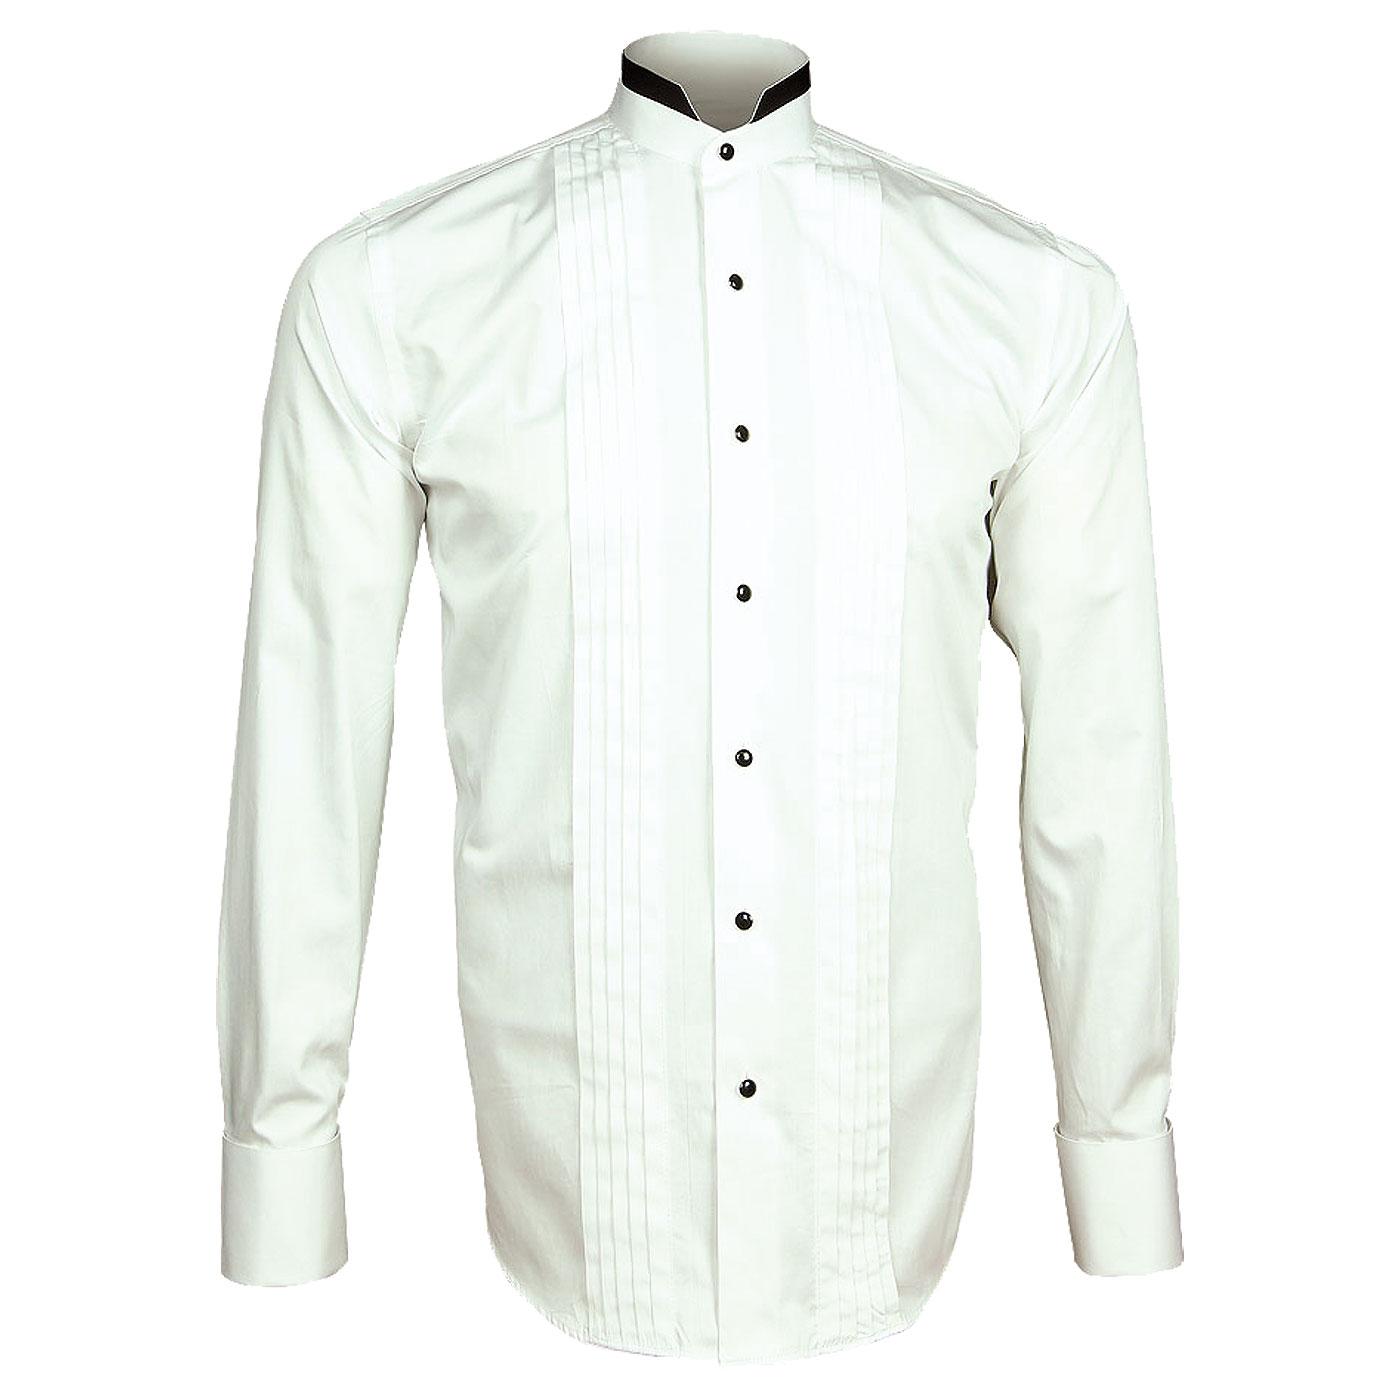 col de chemise conseils pour choisir son col de chemise. Black Bedroom Furniture Sets. Home Design Ideas